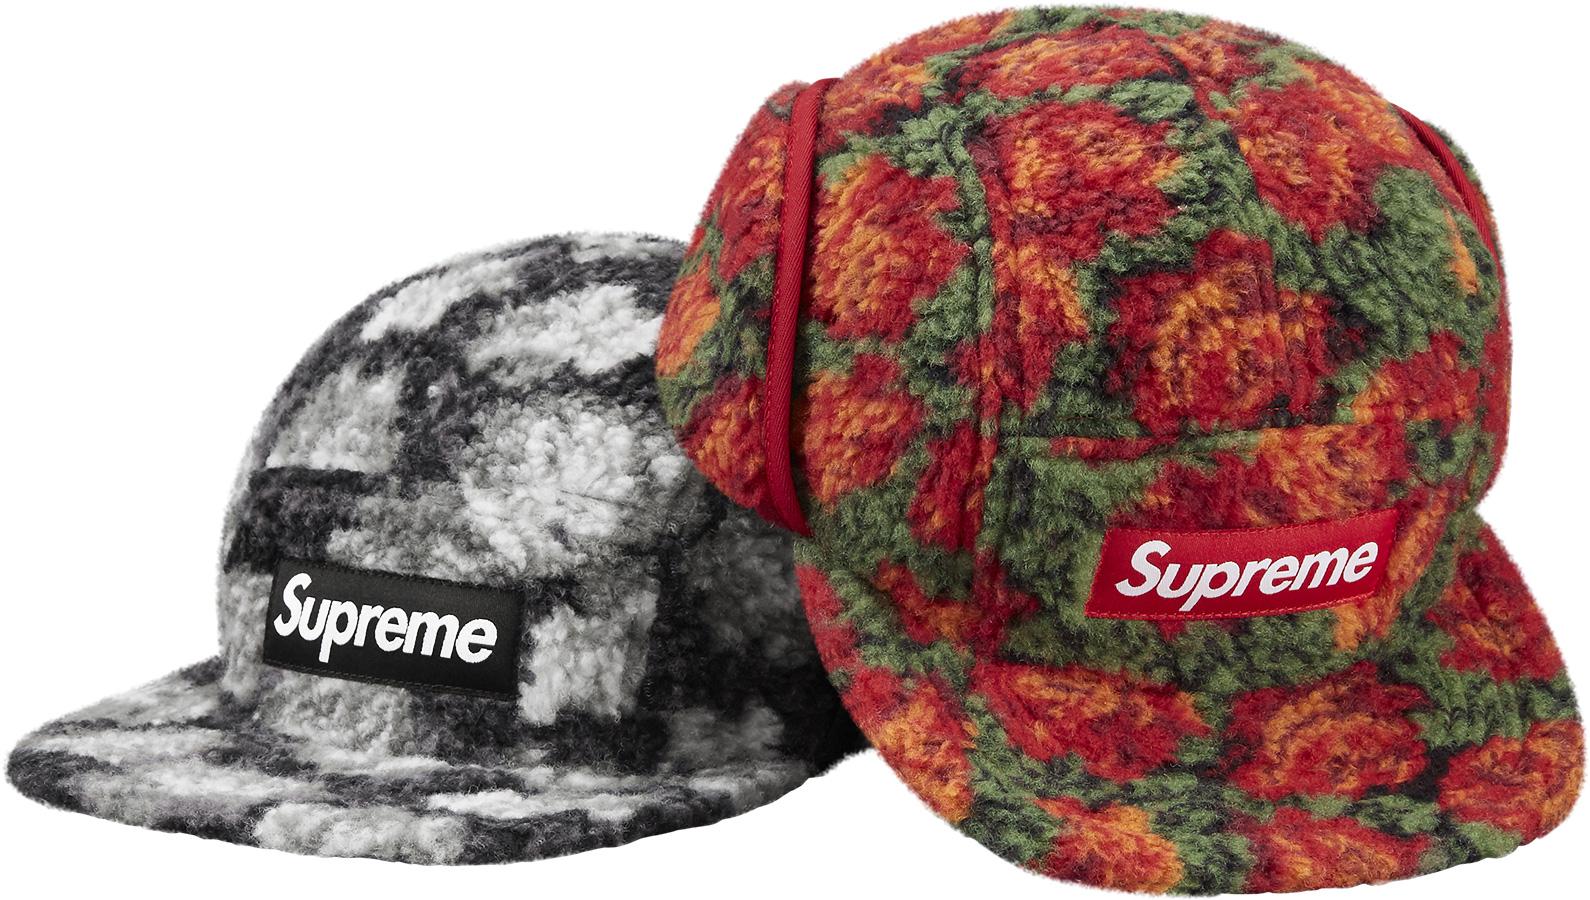 8b9d50c48cc Details Supreme Roses Sherpa Fleece Earflap Camp Cap - Supreme Community